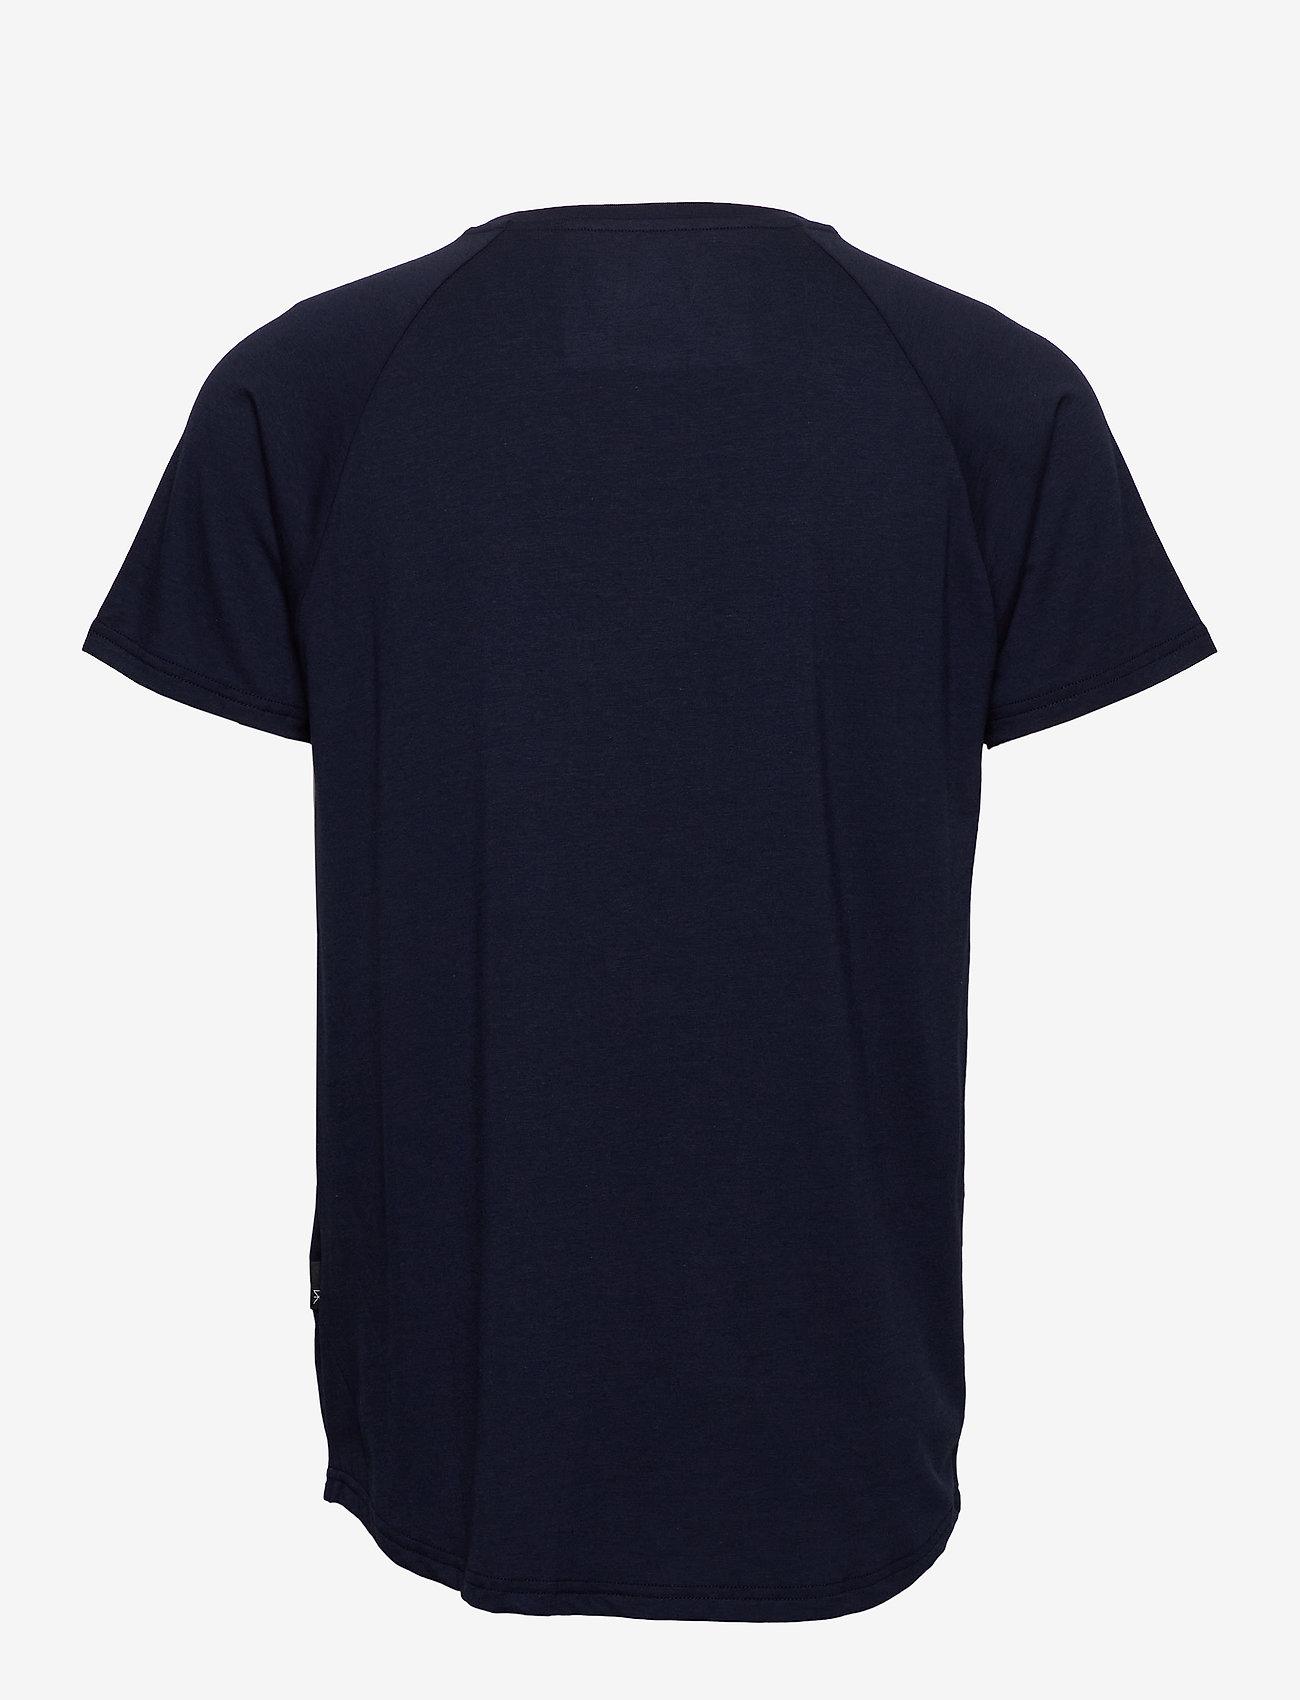 JBS of Denmark JBS of Denmark t-shirt w/print - T-skjorter NAVY - Menn Klær